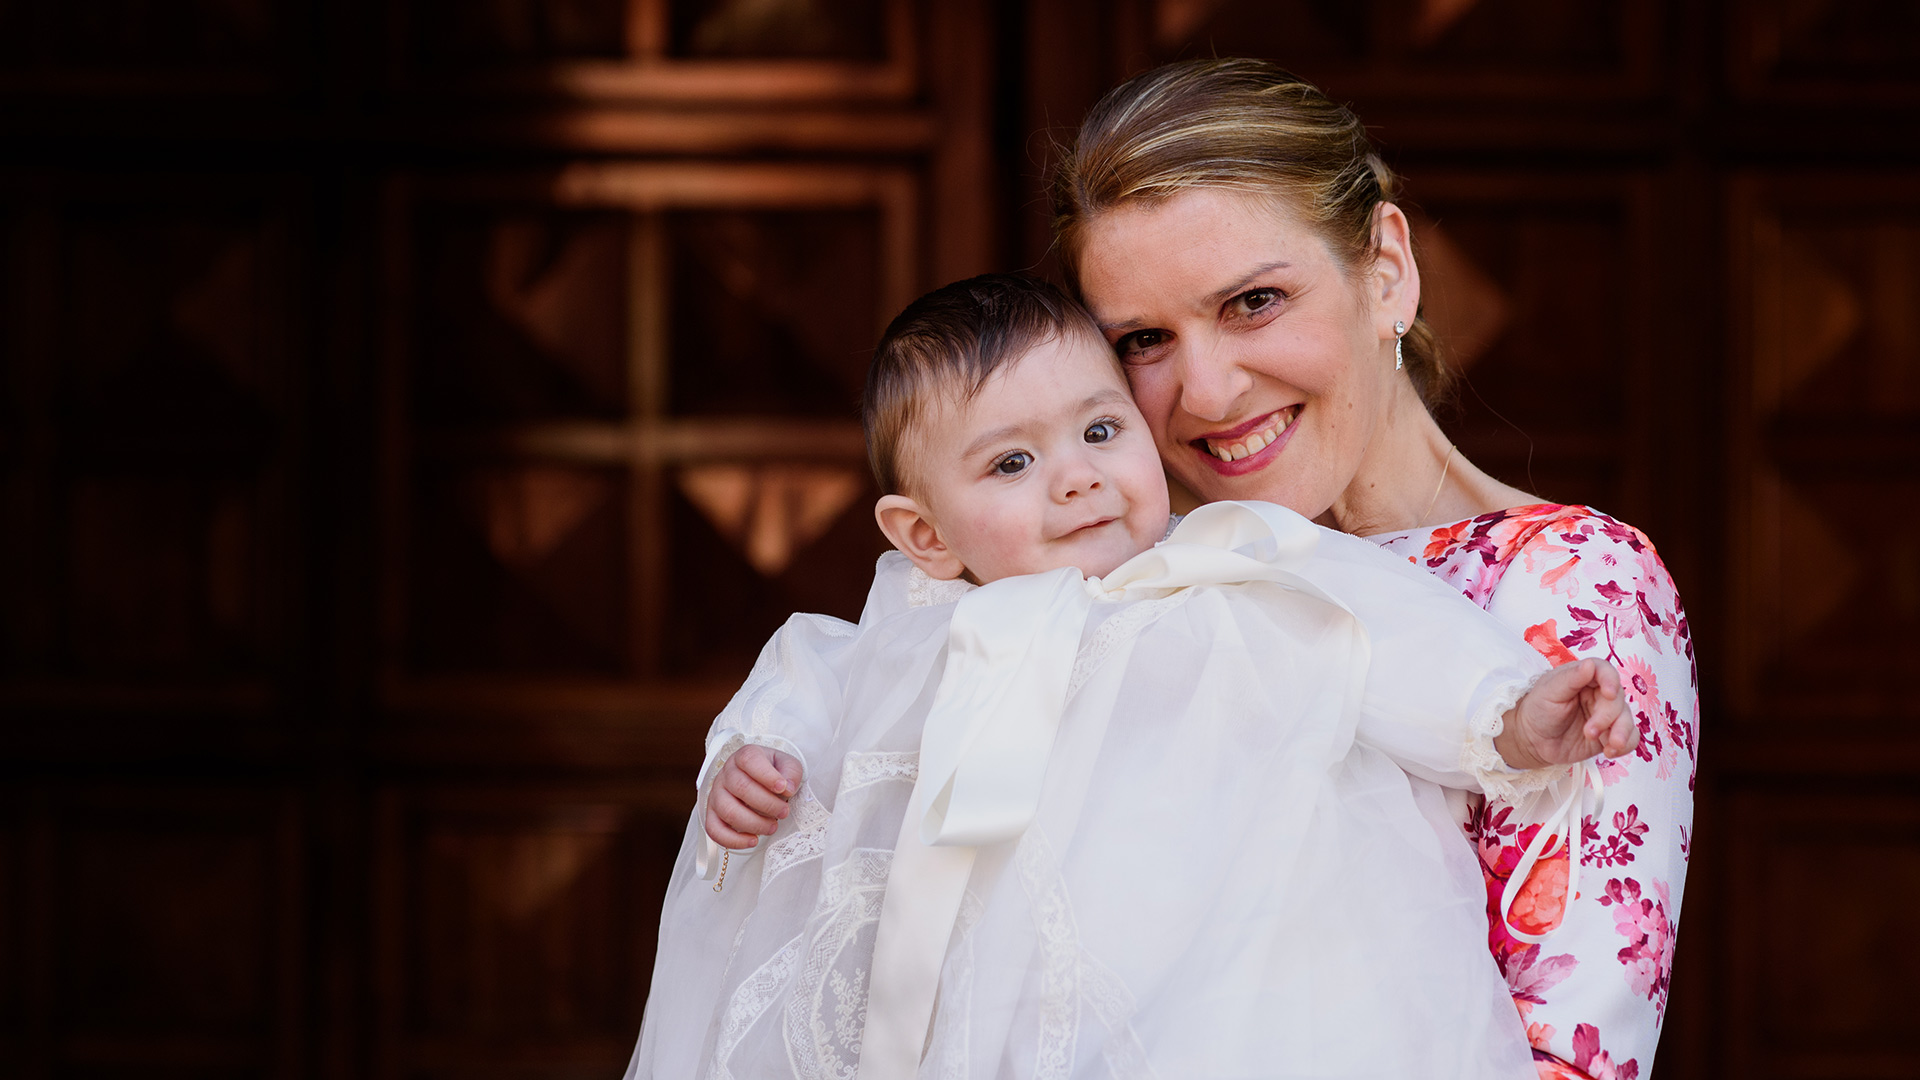 fotografo de bautizos en santa gema madrid